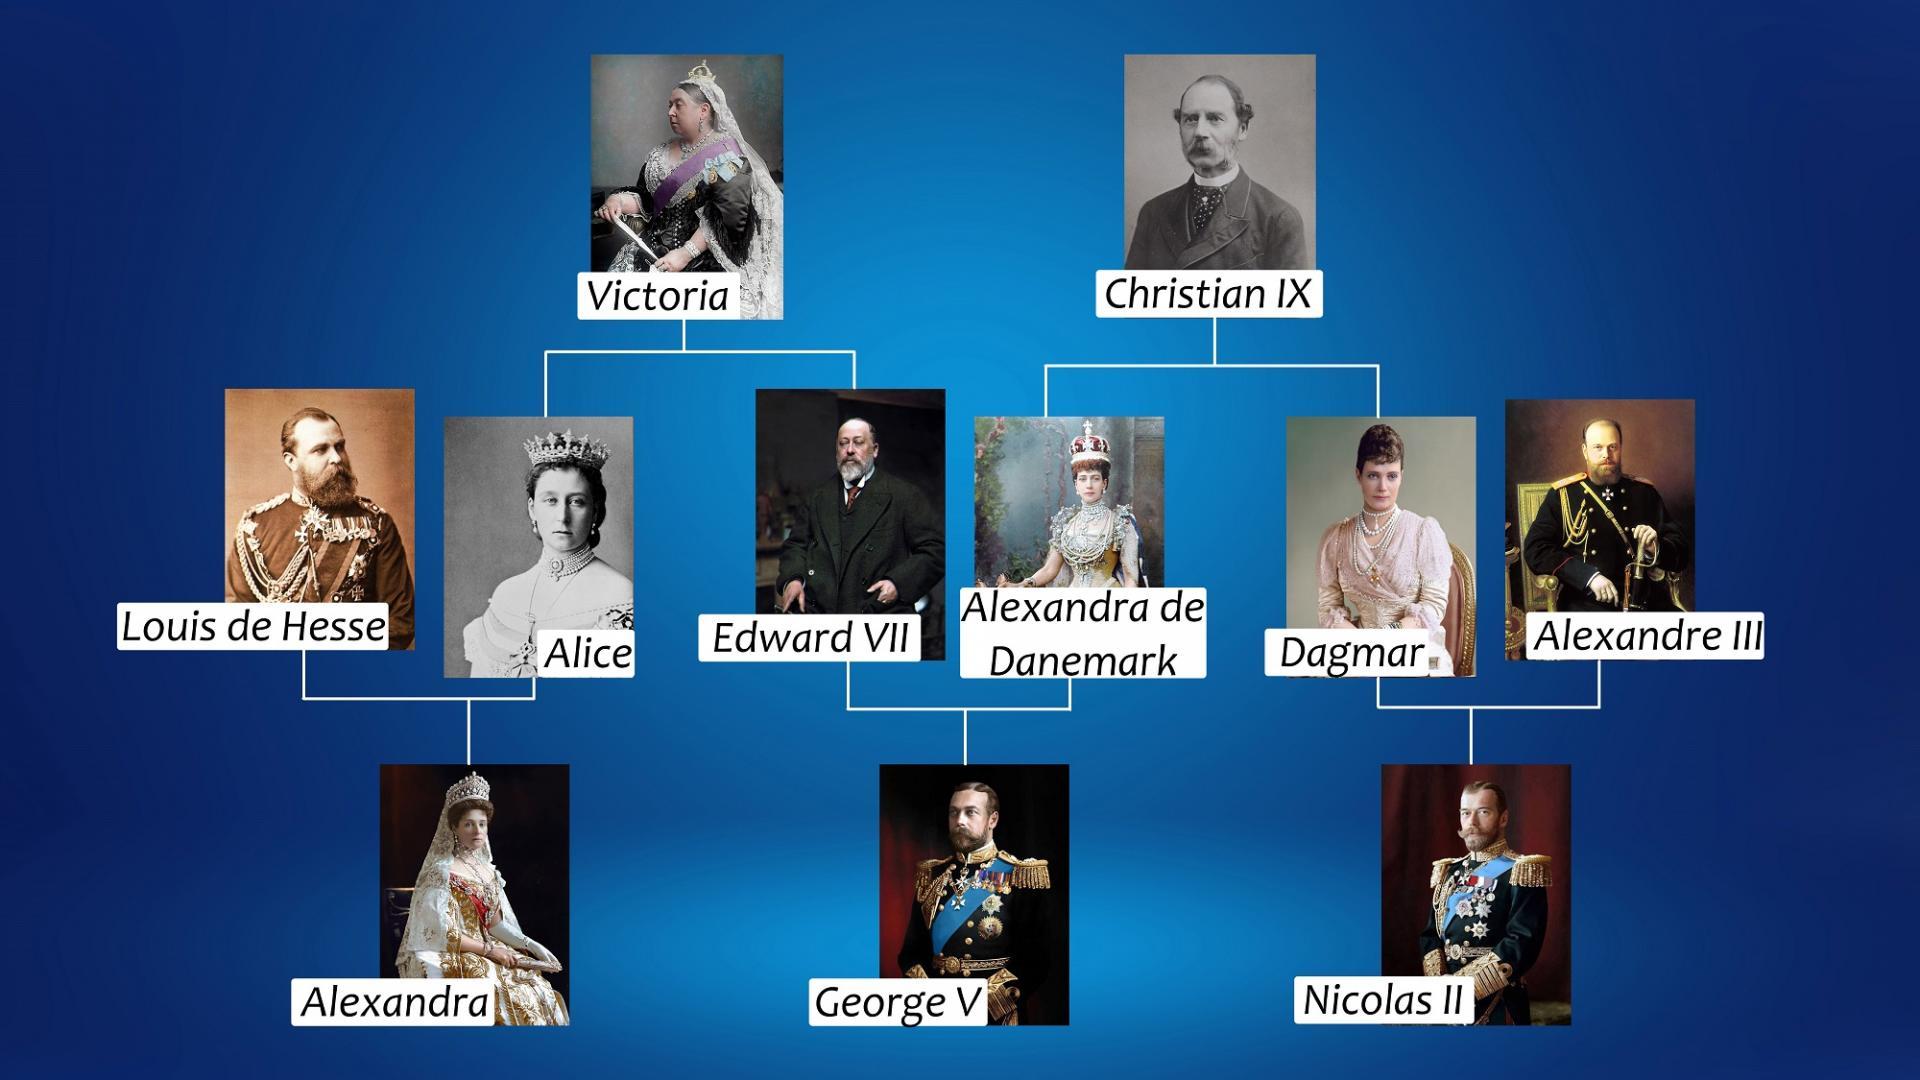 Généalogie Nicolas II, George V